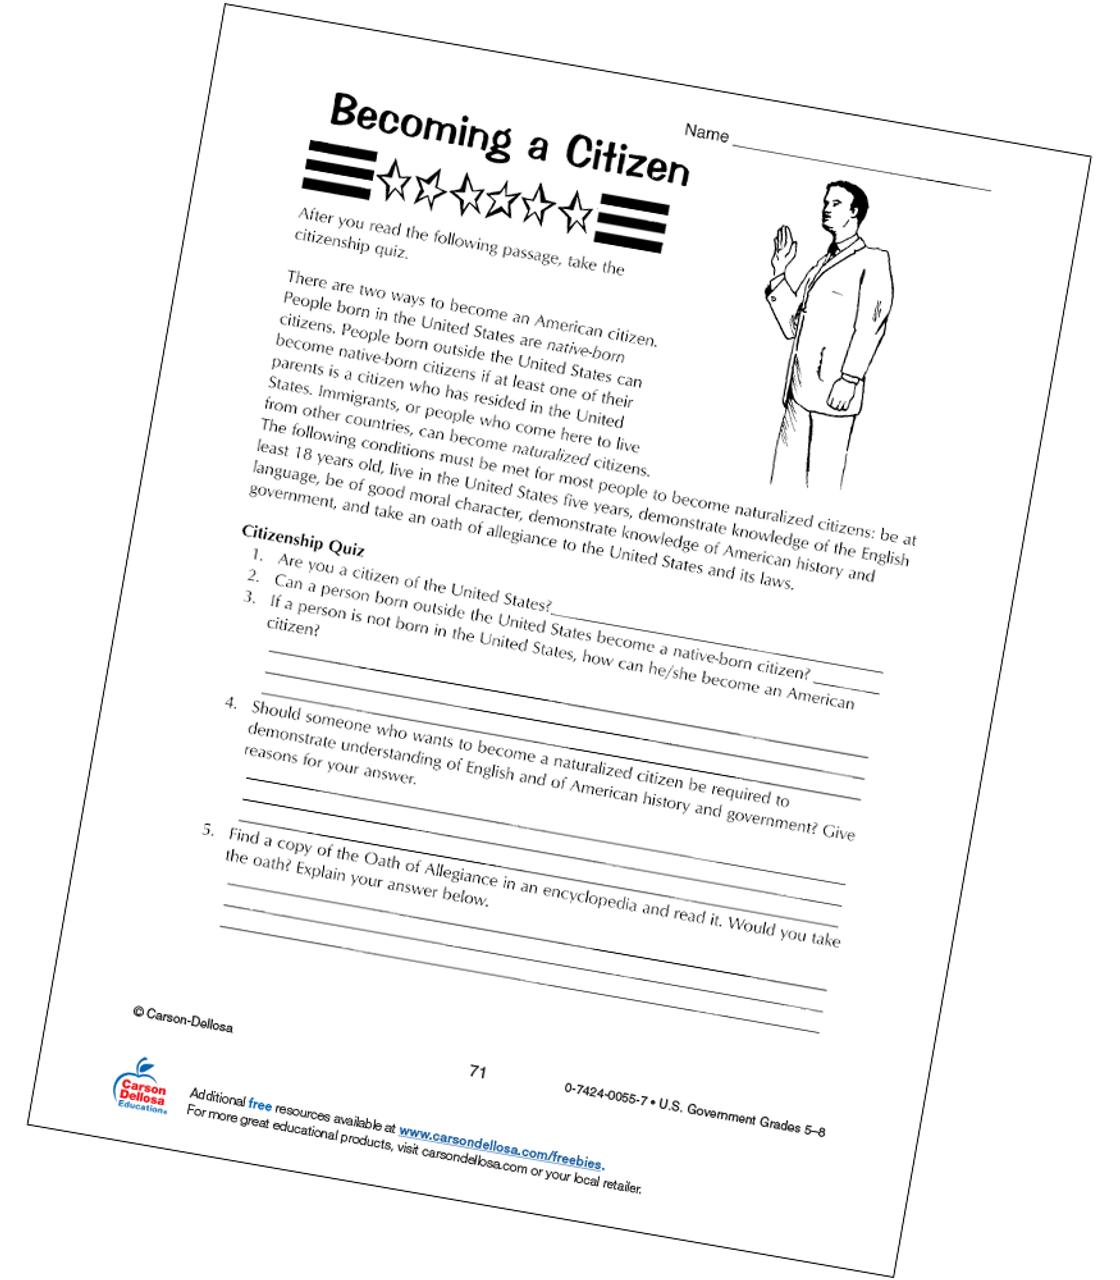 Becoming a U.S. Citizen Grades 5-8 Free Printable   Carson Dellosa [ 1280 x 1120 Pixel ]